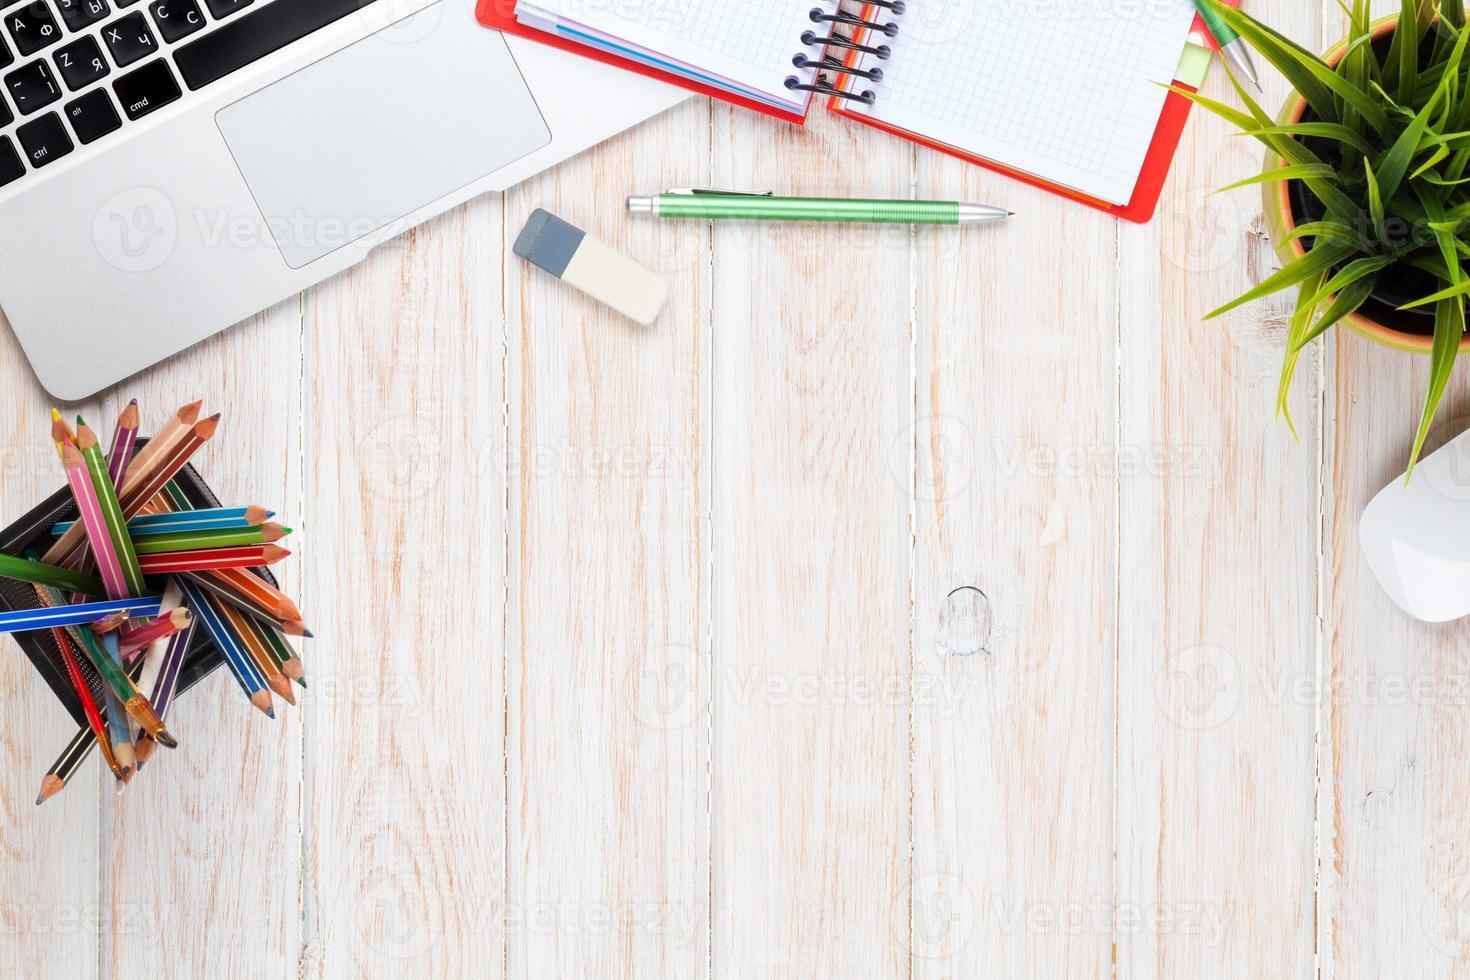 bureau en bois avec plante, ordinateur portable, gomme et crayons photo